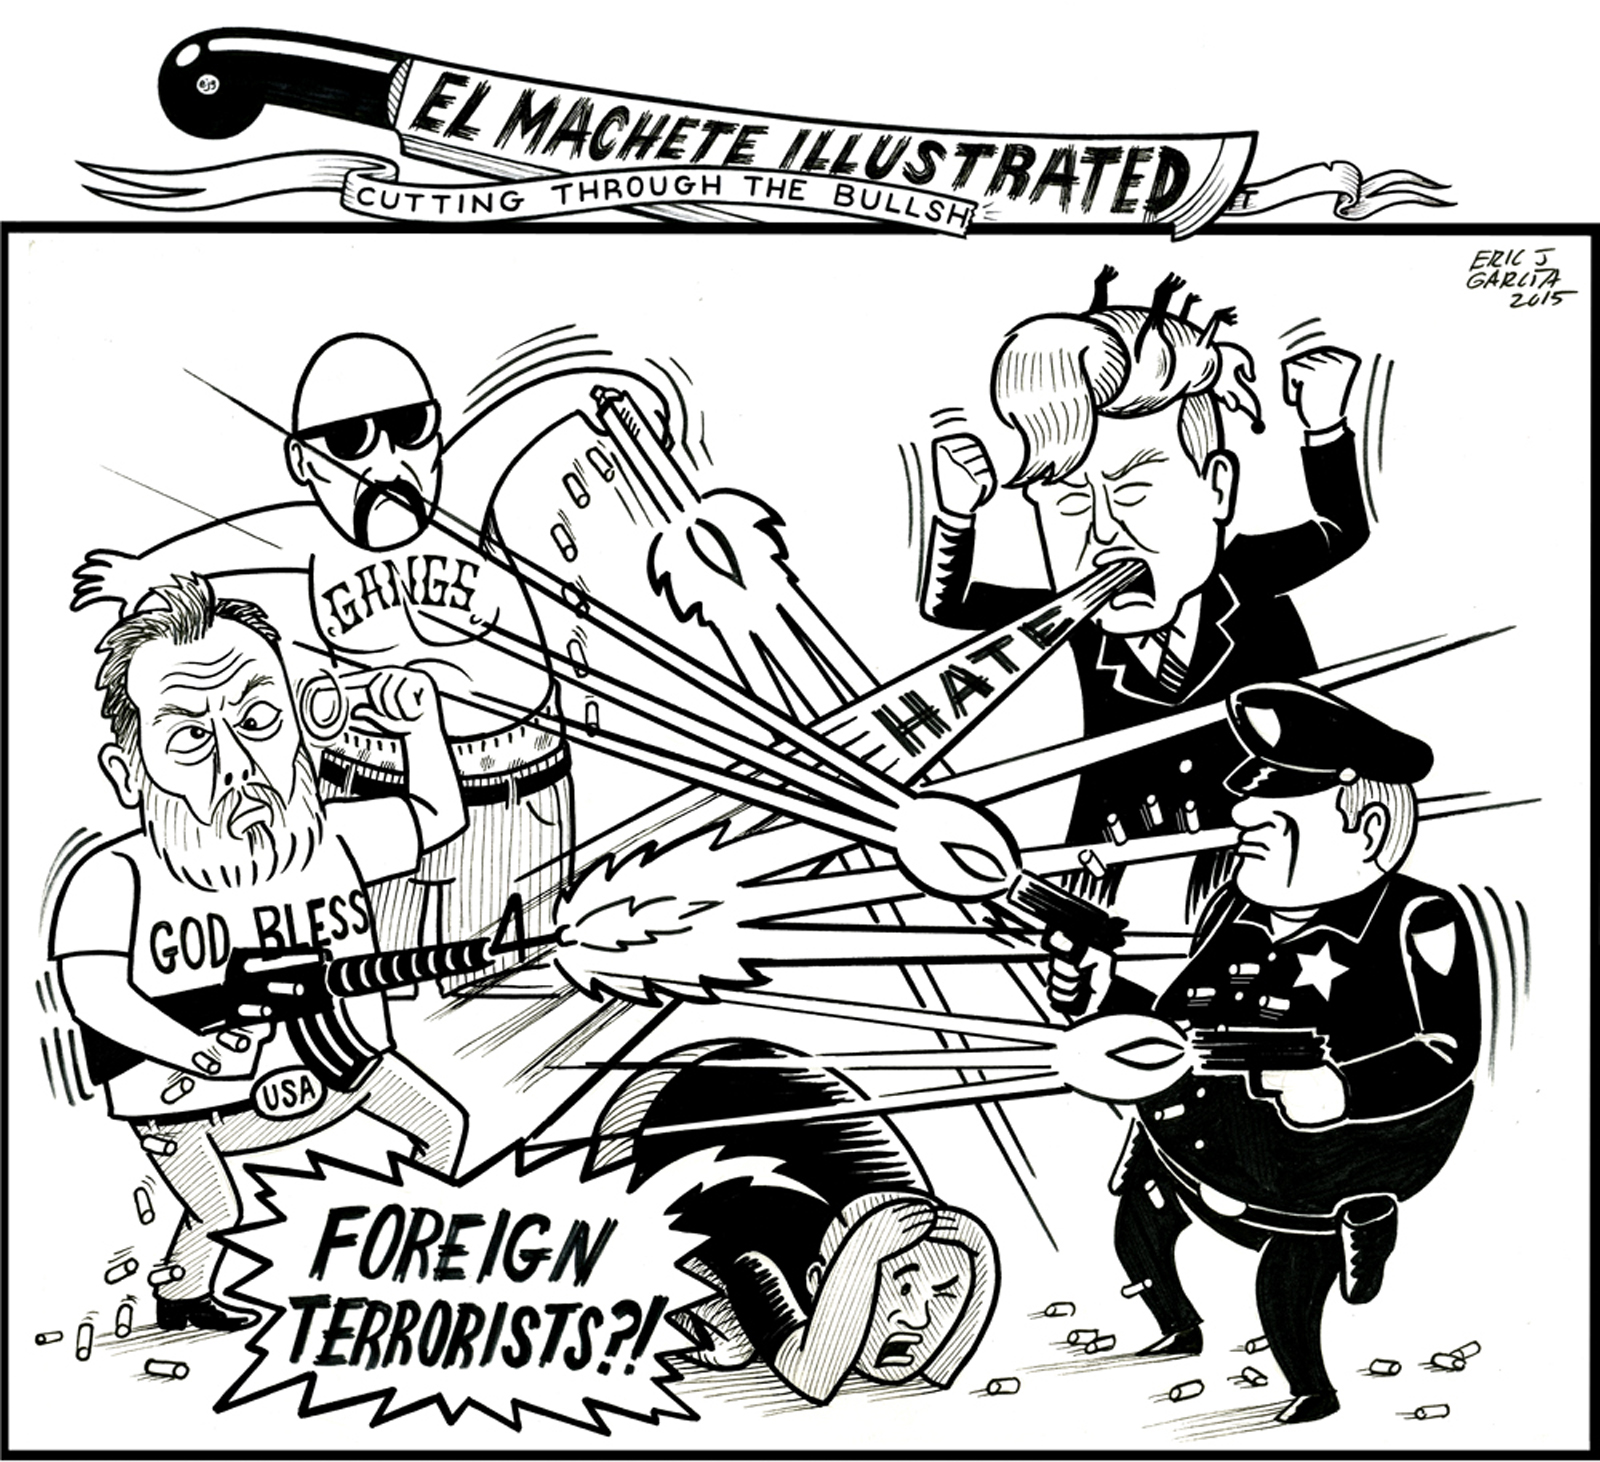 EricJGarcia-%22LocalTerrorism%22-2015.jpg